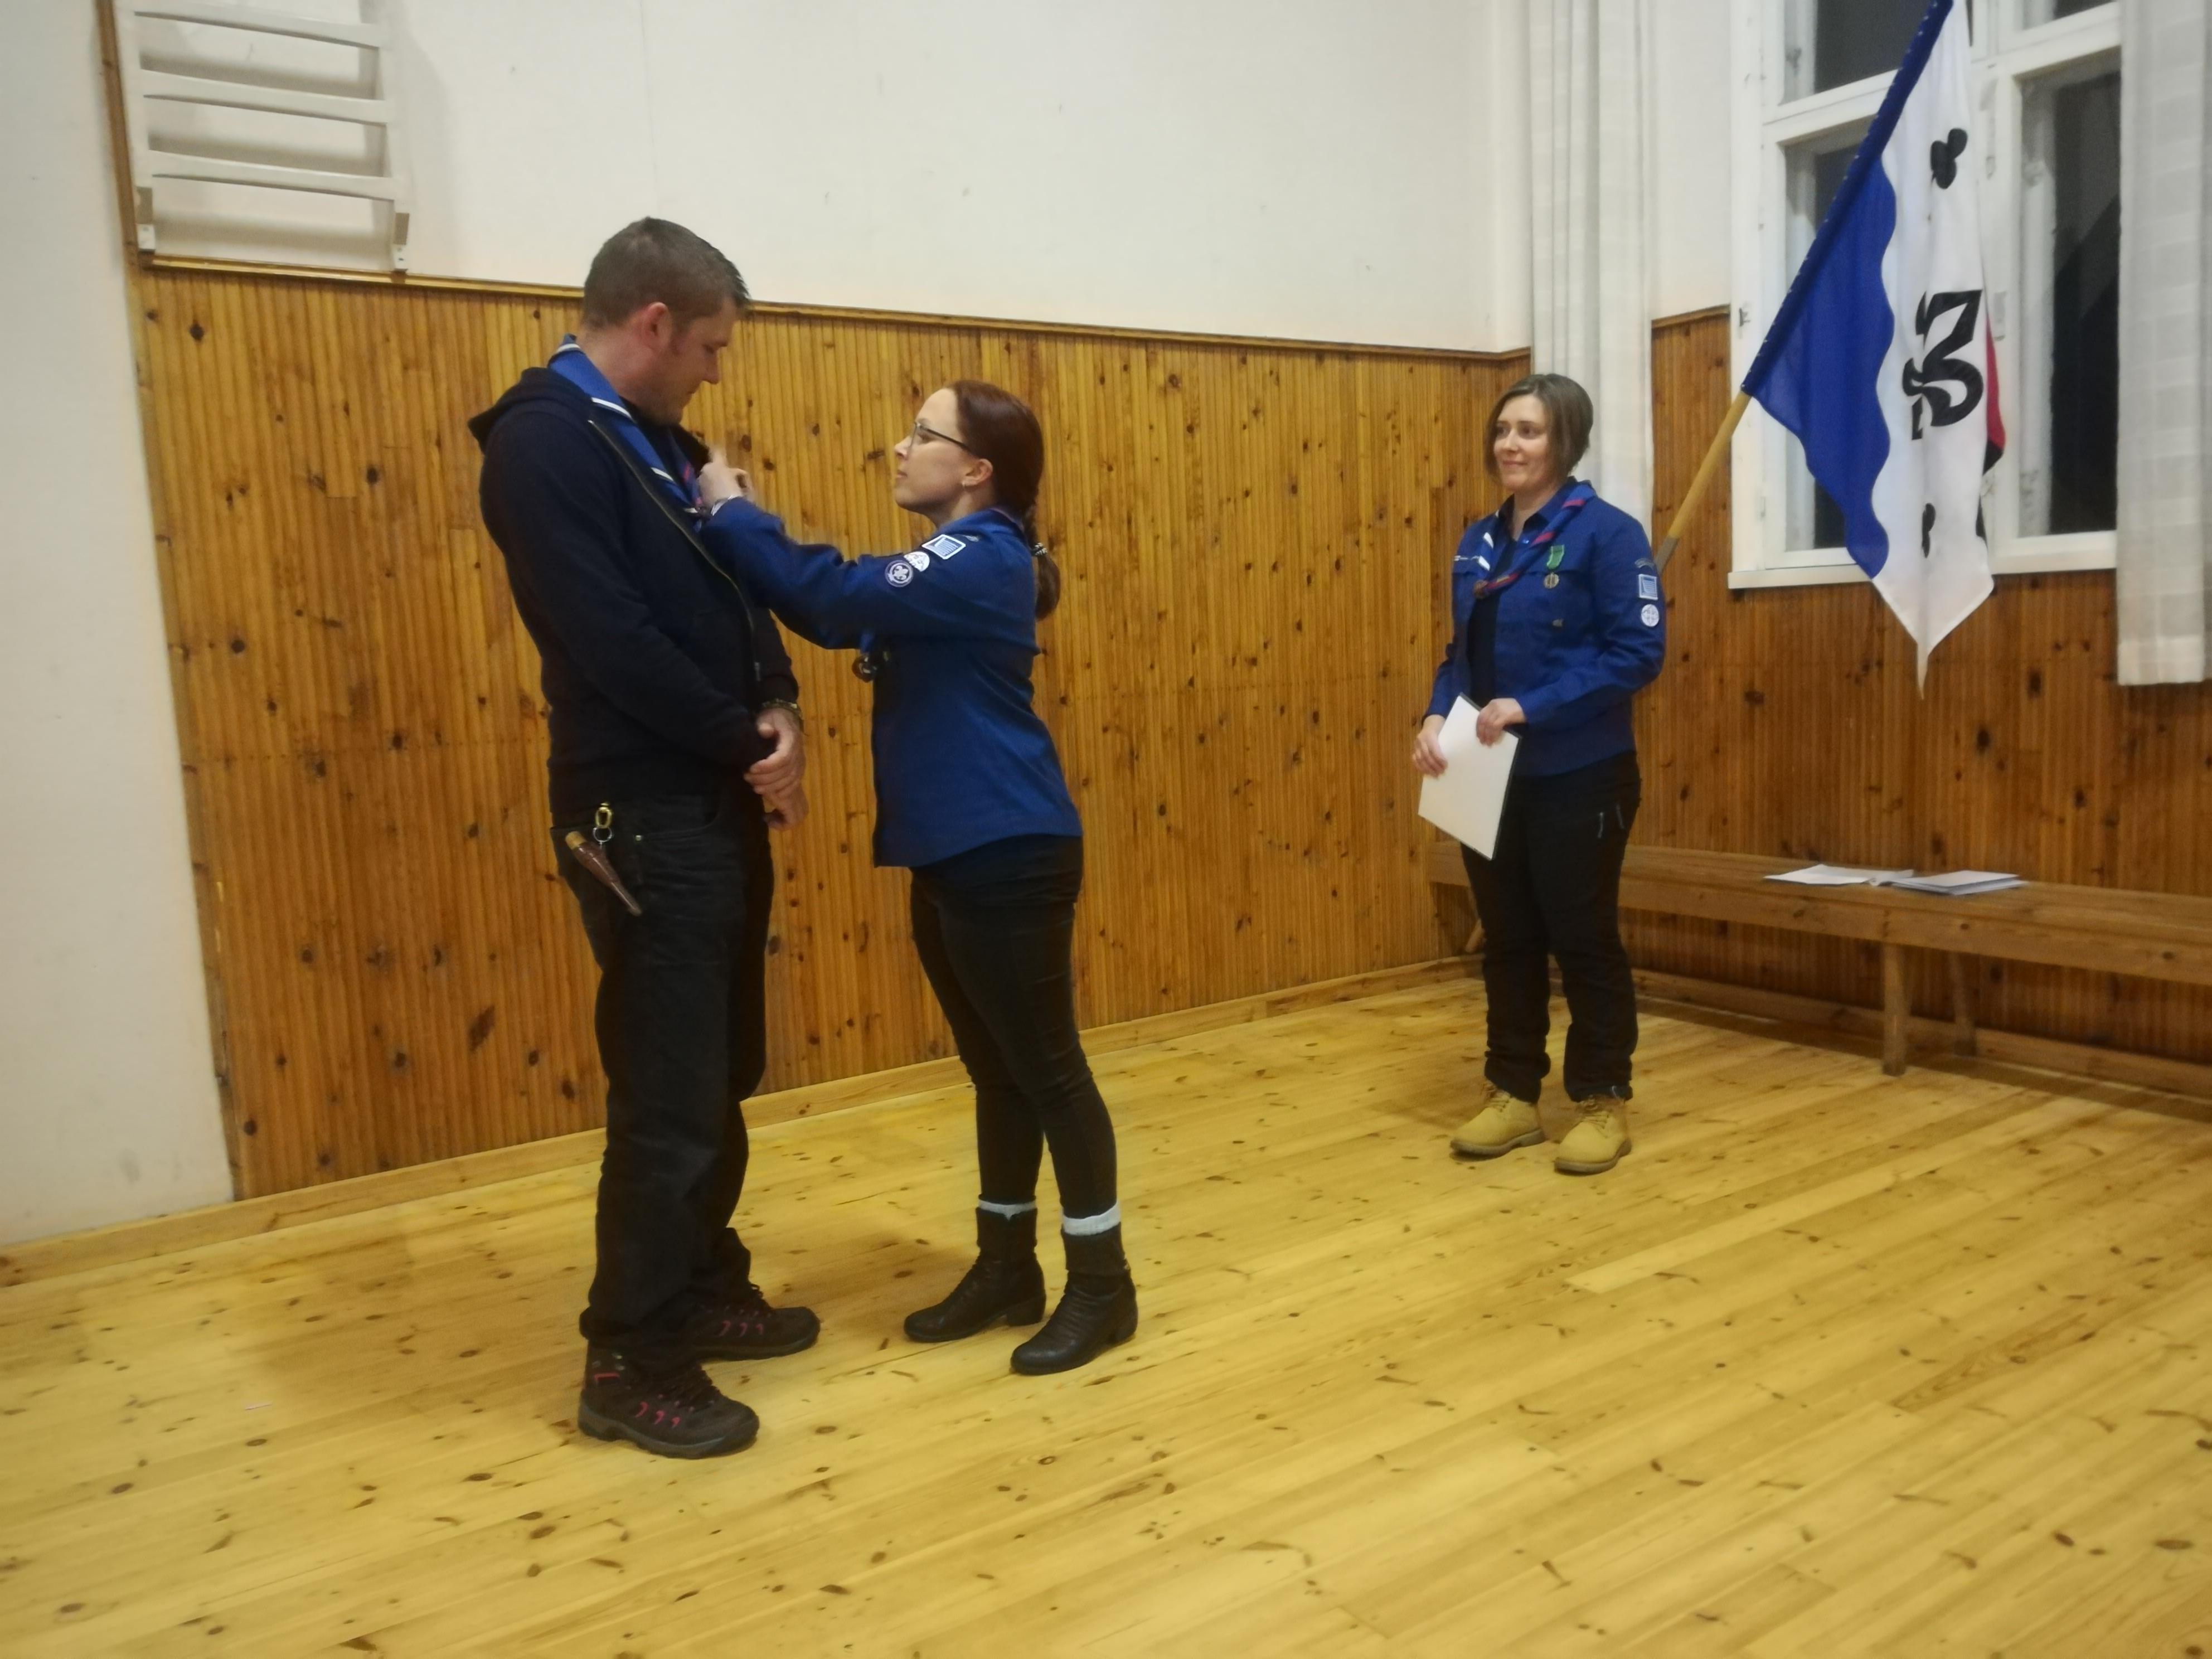 Mikko Ojalalle myönnettiin Suomen Partiolaisten pronssinen ansiomitali.